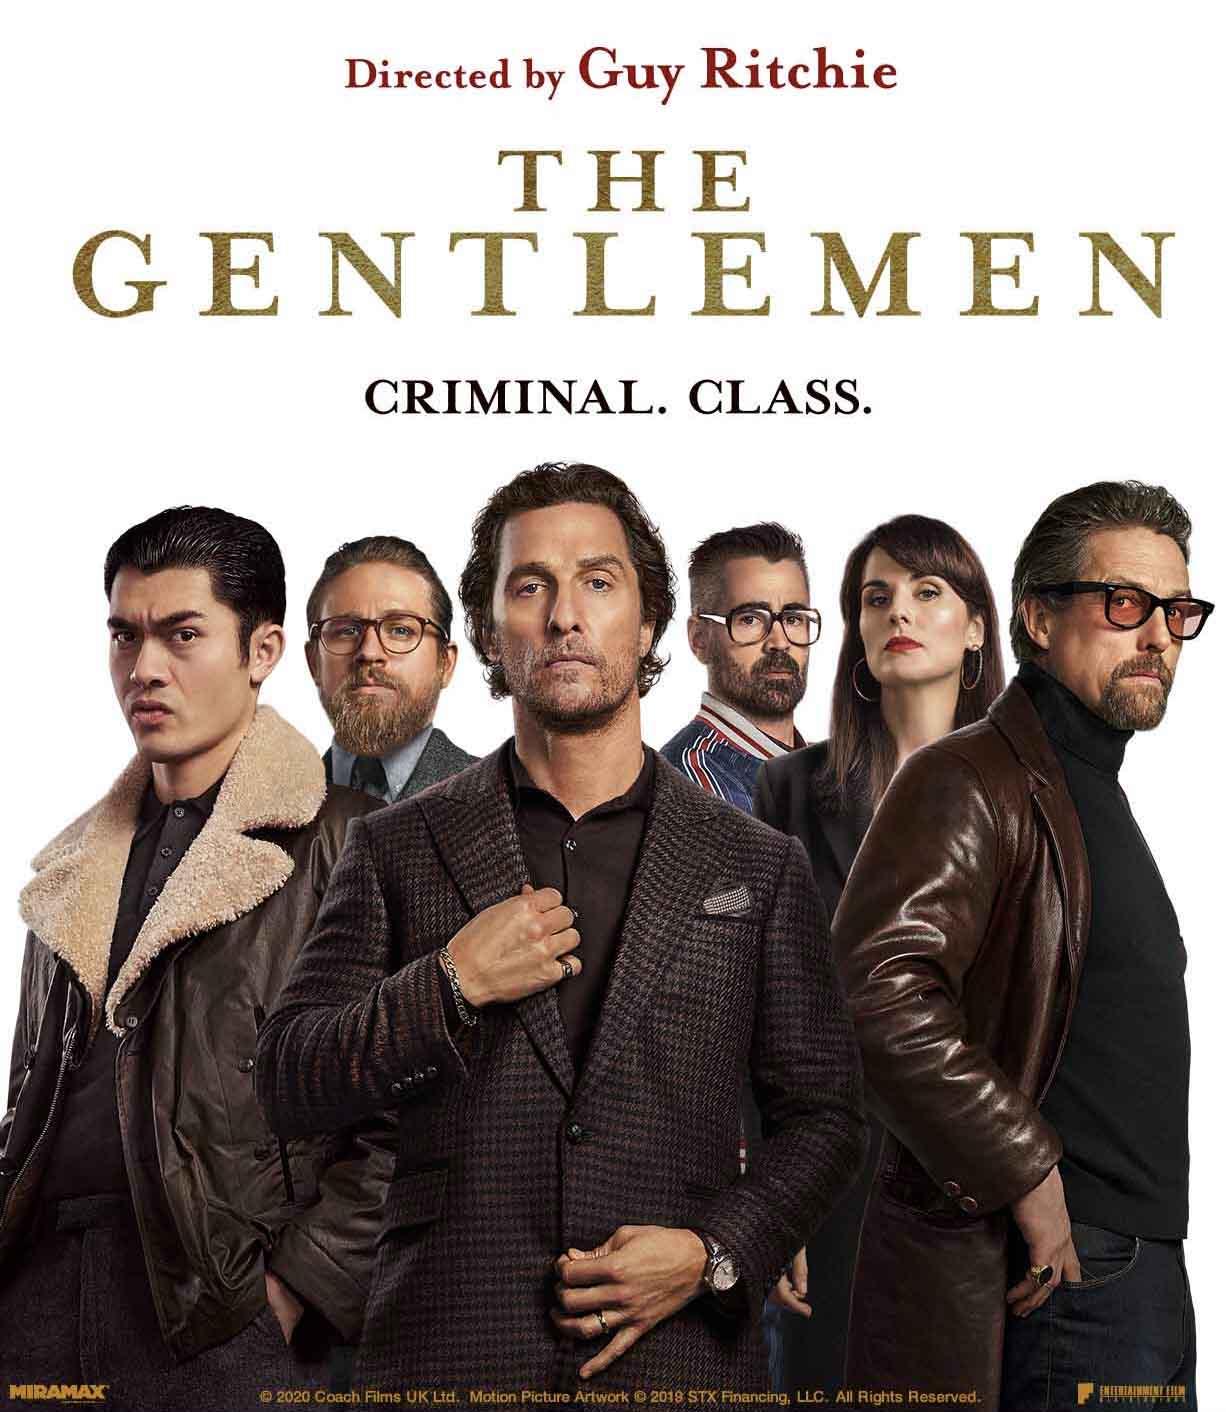 دانلود فیلم The Gentlemen 2019 دوبله فارسی -  جنتلمن ( آقایان )